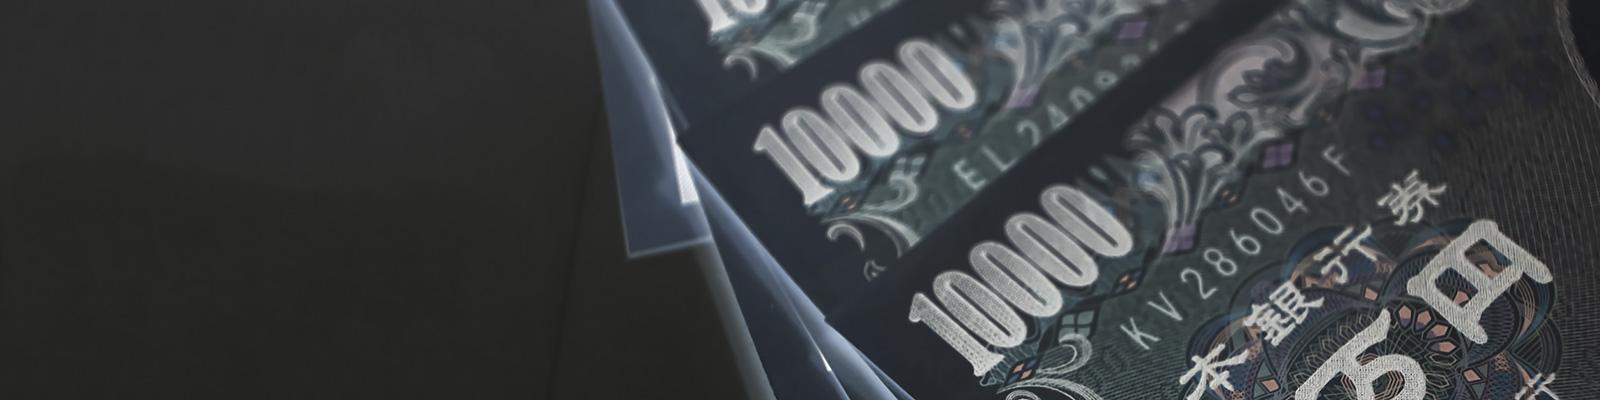 銀行 紙幣 イメージ